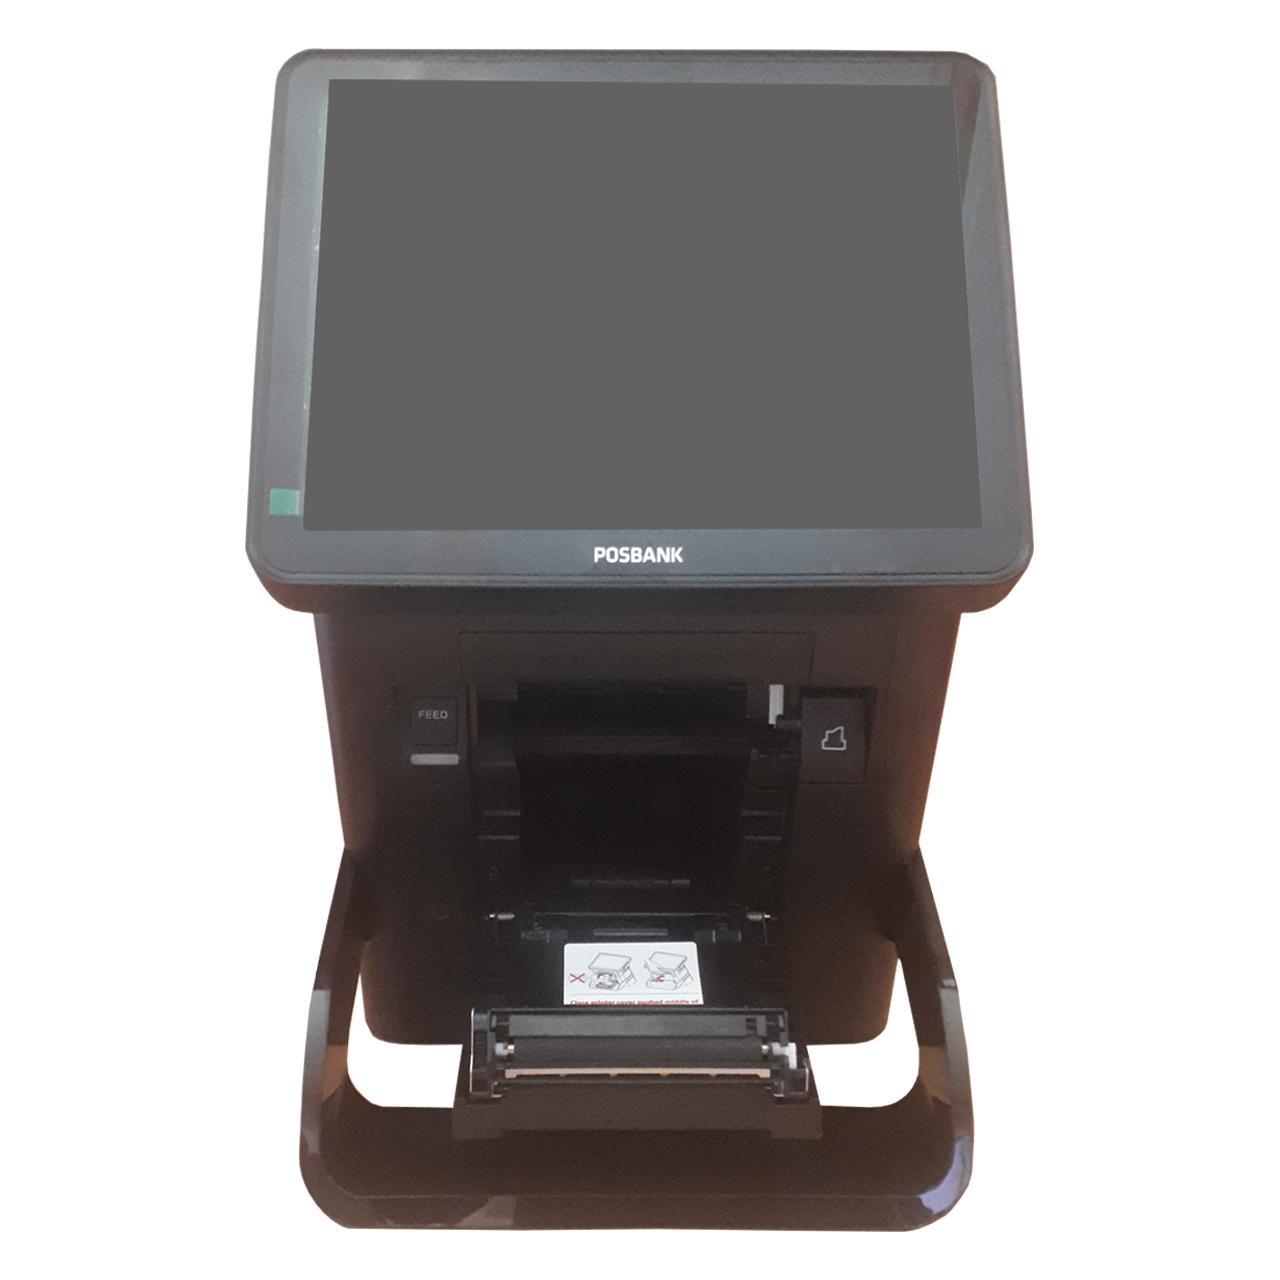 صندوق فروشگاهی POS لمسی پوزبانک مدل DCR X86